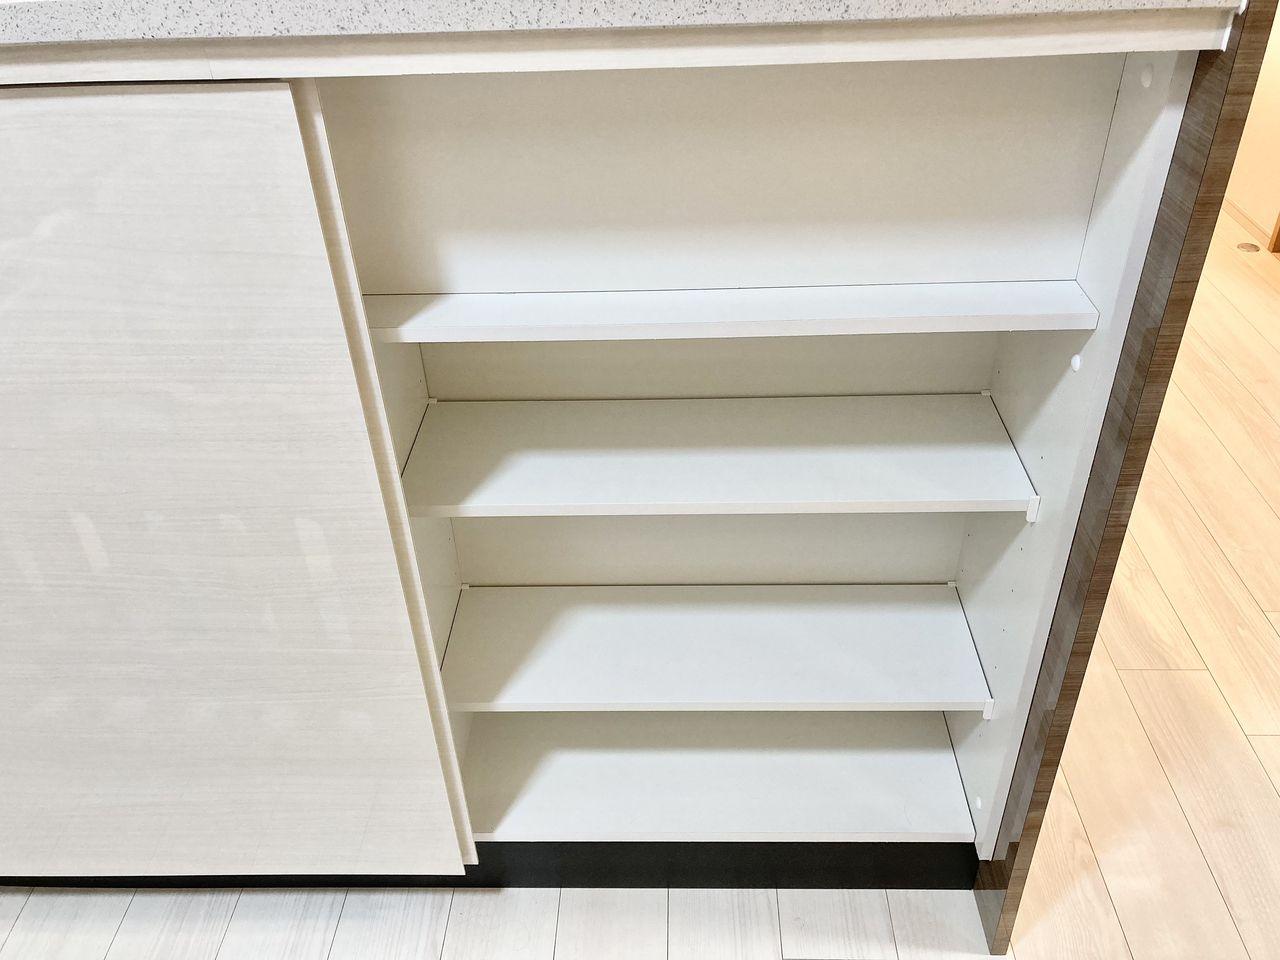 ダイニング側のキッチンカウンター下部のスペースを有効活用し、食器などの収納に便利な扉付の収納棚が設置されています。ダイニング側から出し入れでき、キッチン用品以外に、子供の学習用具や利用頻度の高い生活用品などの収納に便利です。